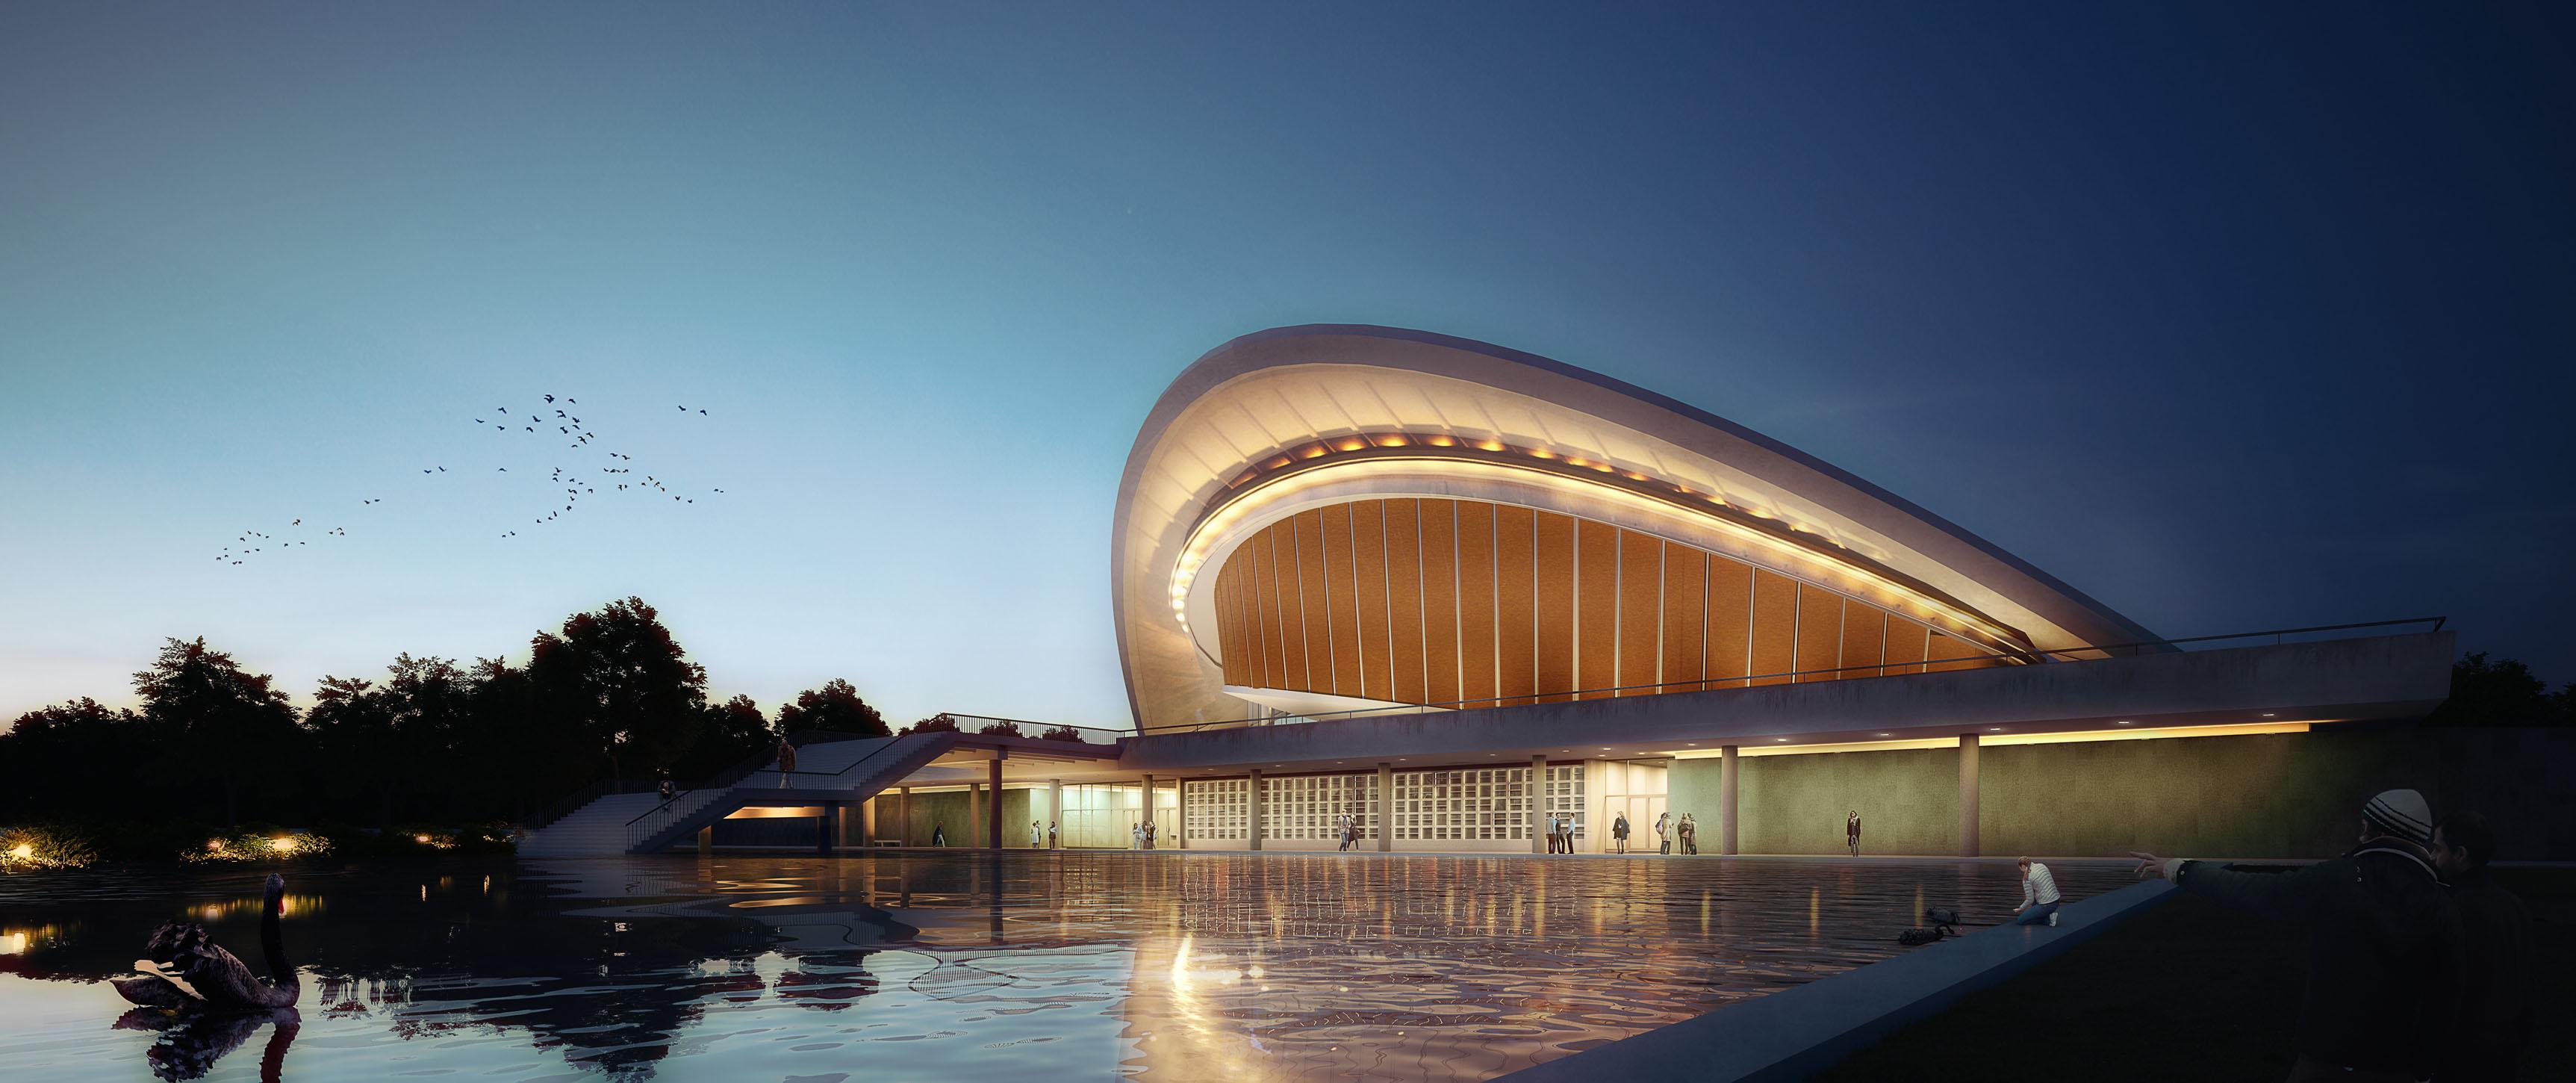 Haus der Kulturen der Welt DFZ Architekten